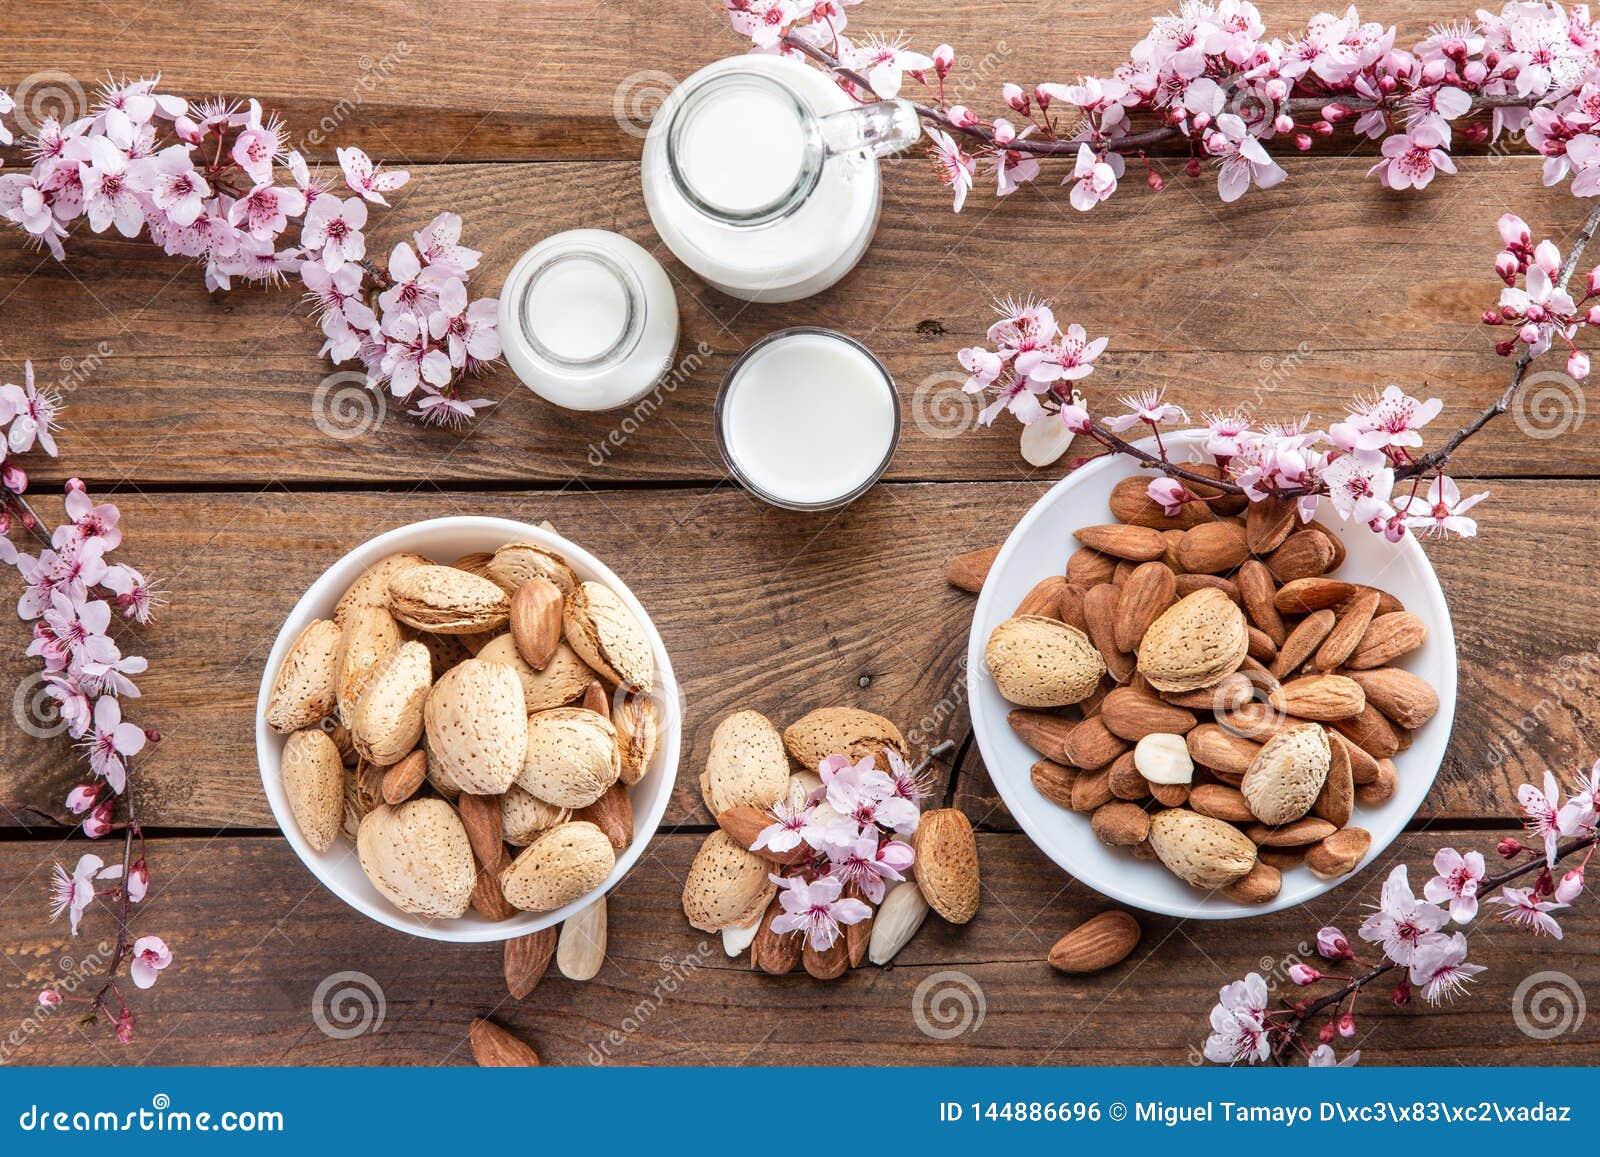 миндалины, цветки миндалины и молоко миндалины